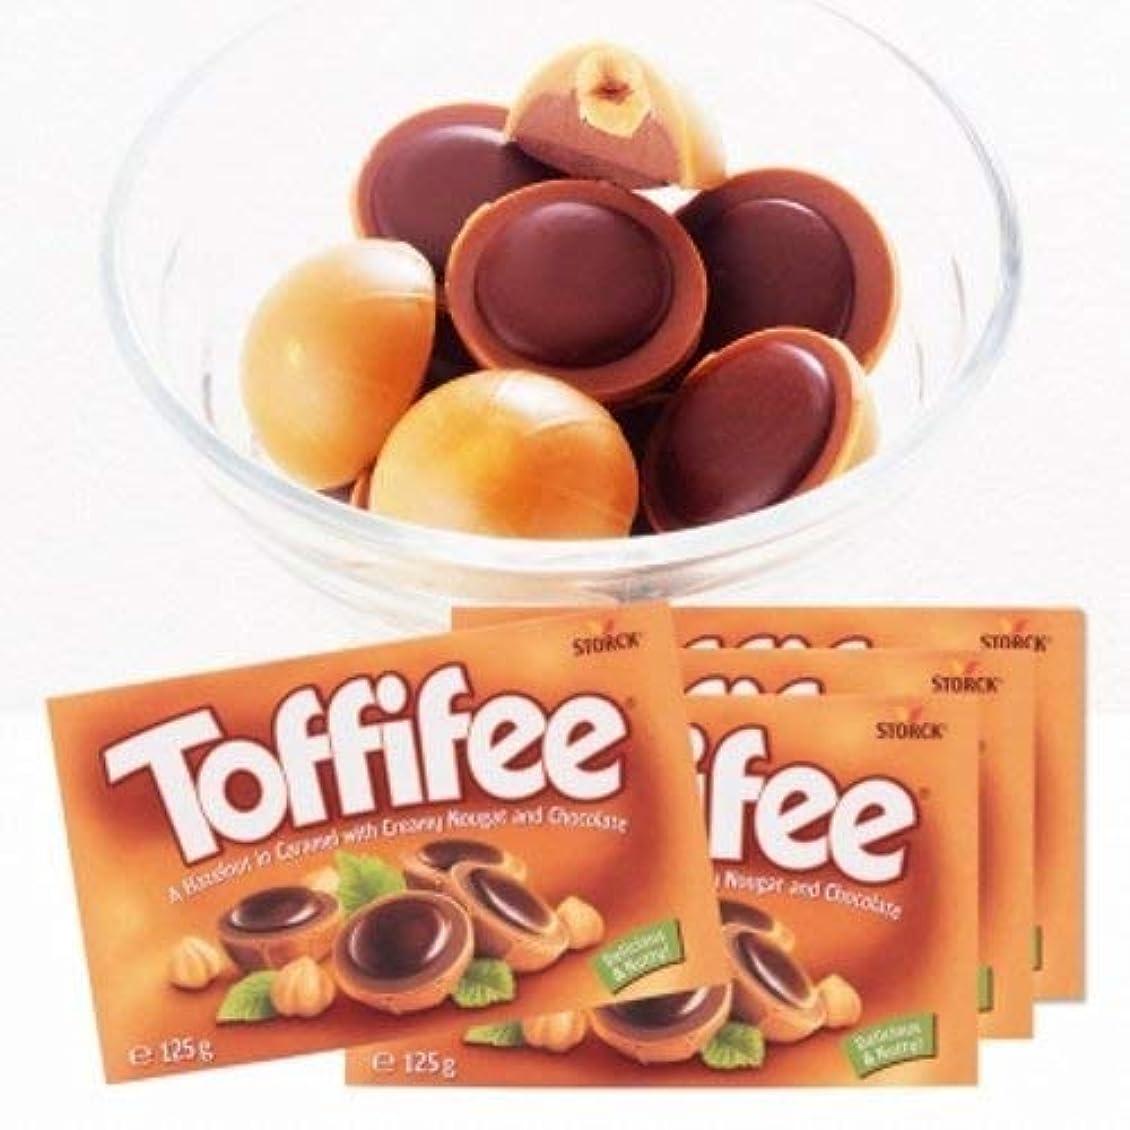 起こる生き残りサルベージストーク(storck) トフィー チョコレート 4箱セット 【 ドイツ 輸入食品 スイーツ】